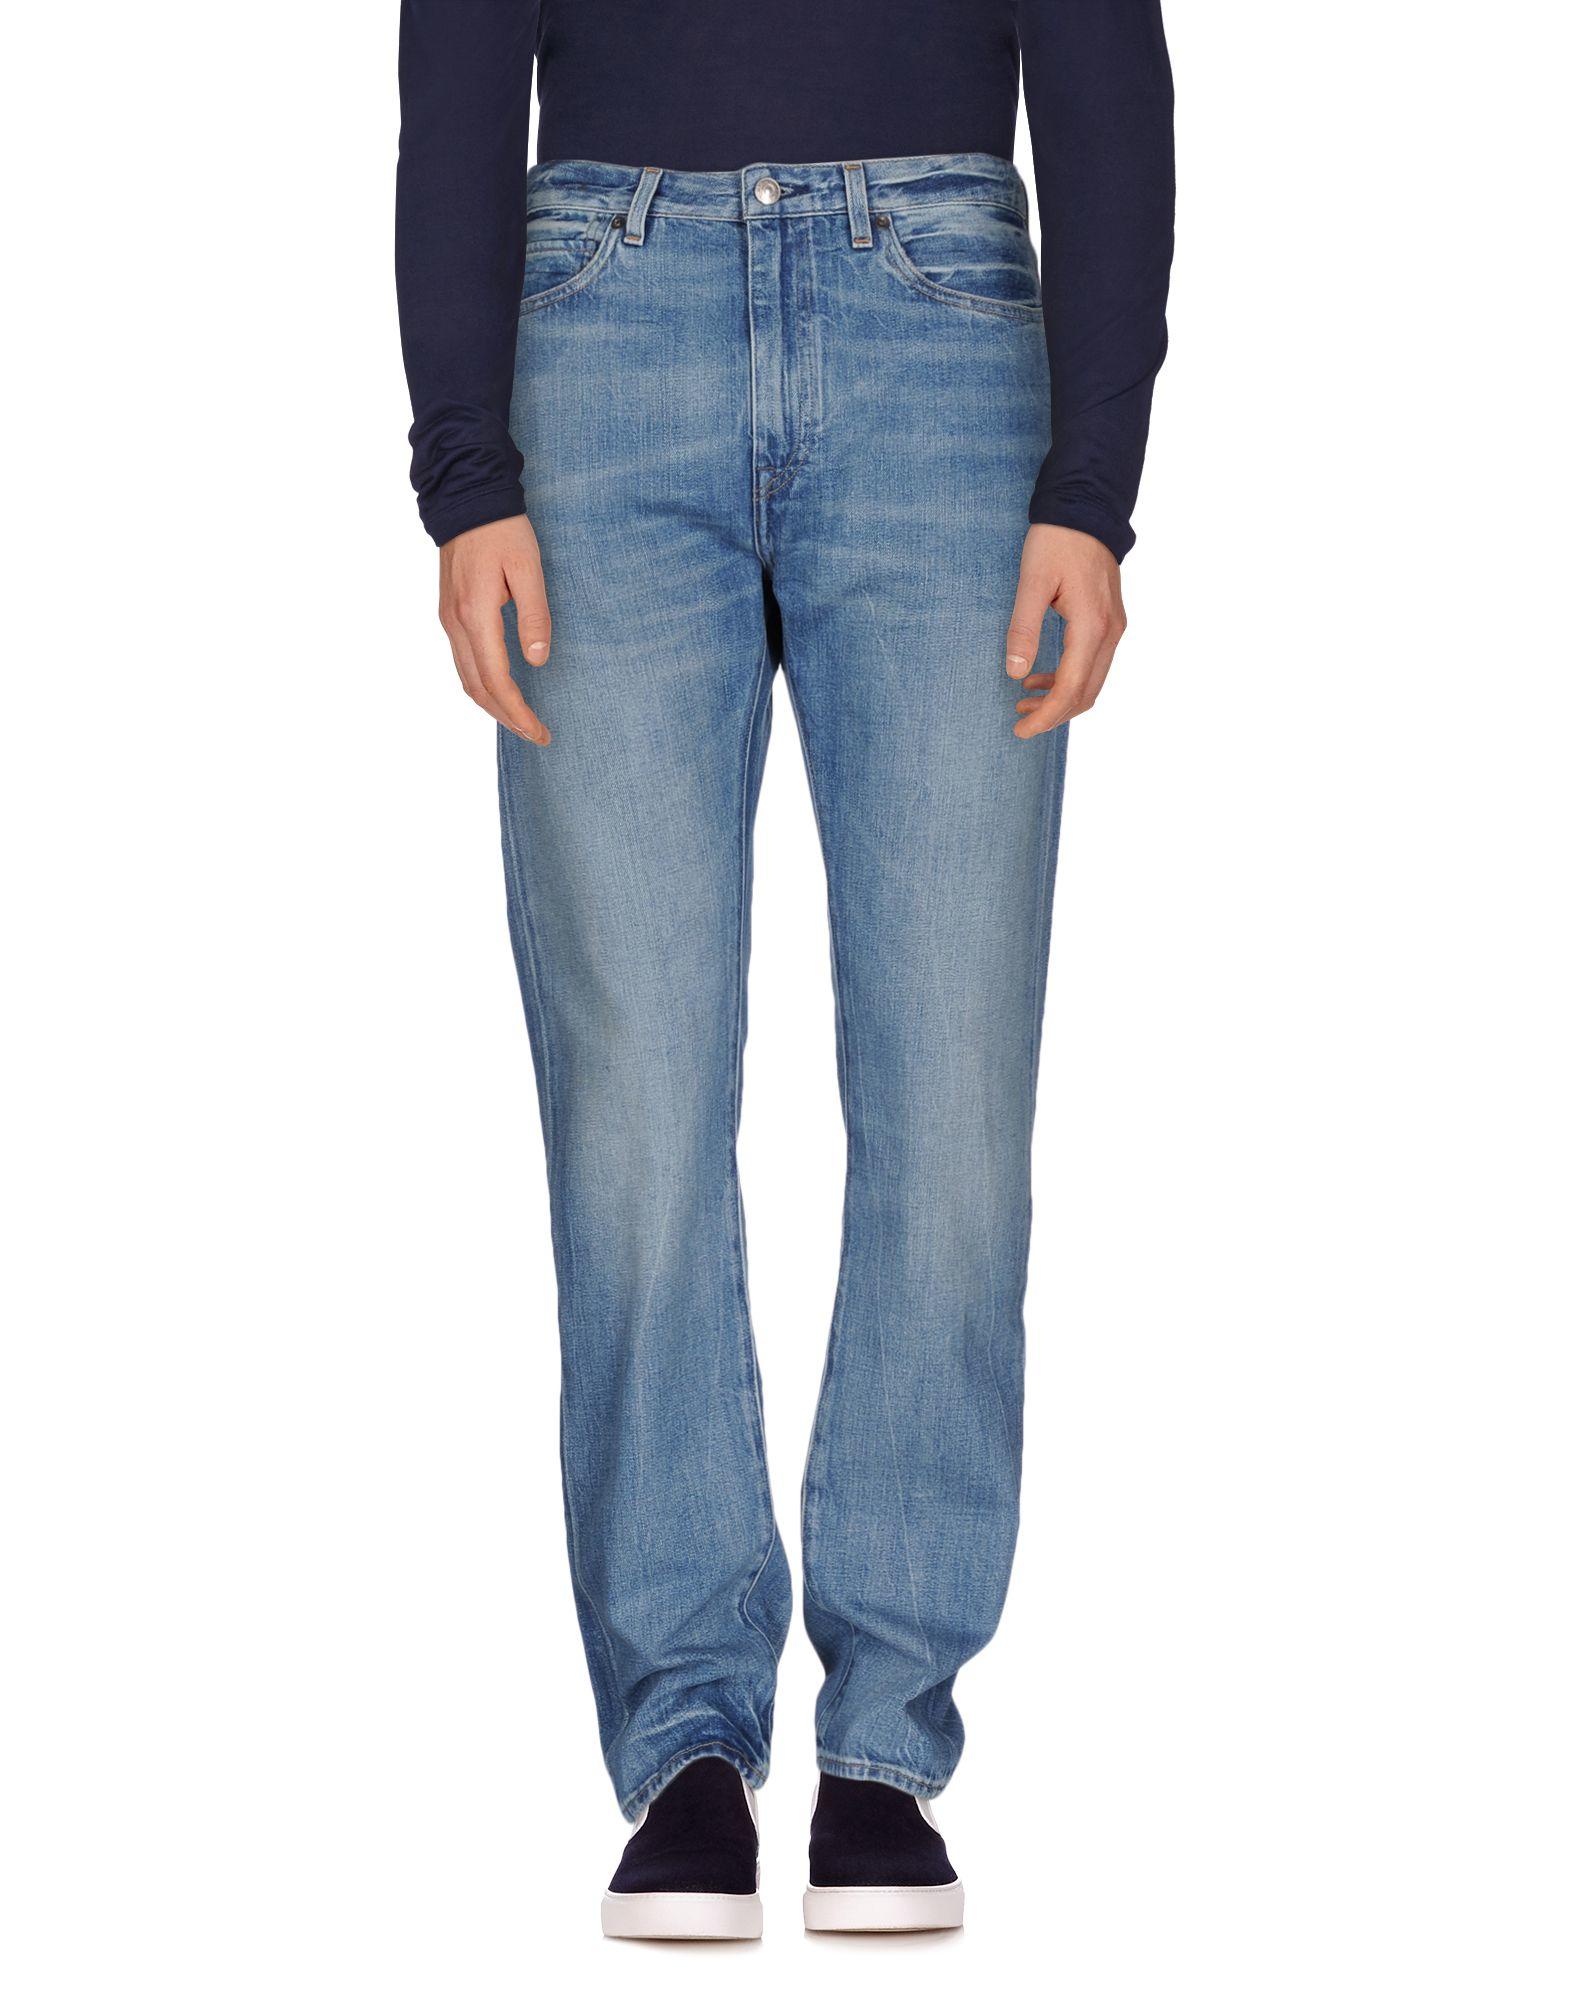 lyst levi 39 s denim pants in blue for men. Black Bedroom Furniture Sets. Home Design Ideas